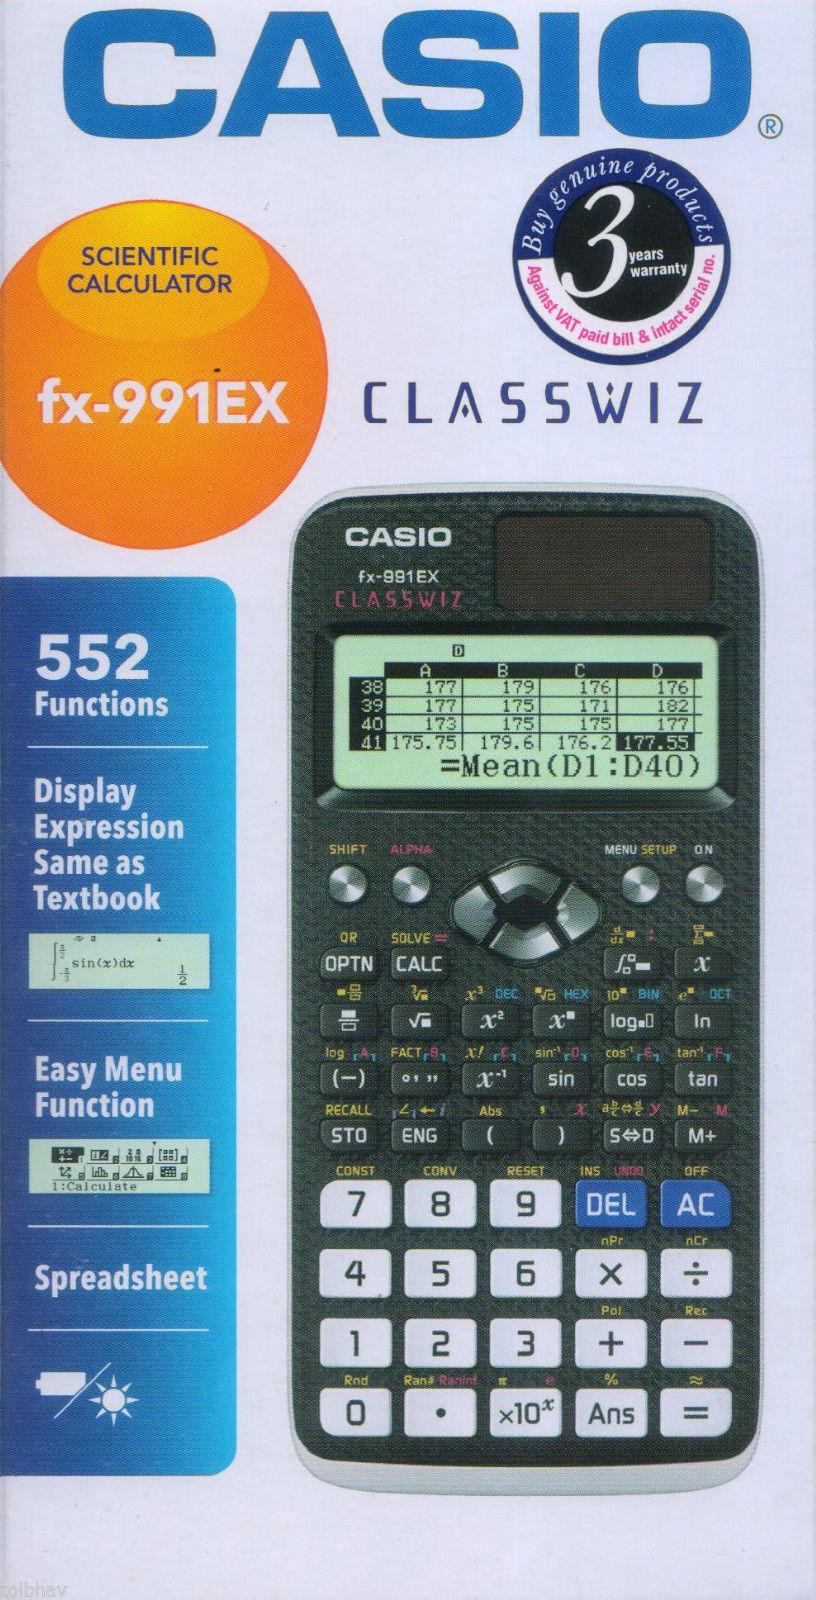 Casio FX-991EX Calsswiz Scientific Calculator (Black) Free Shipping